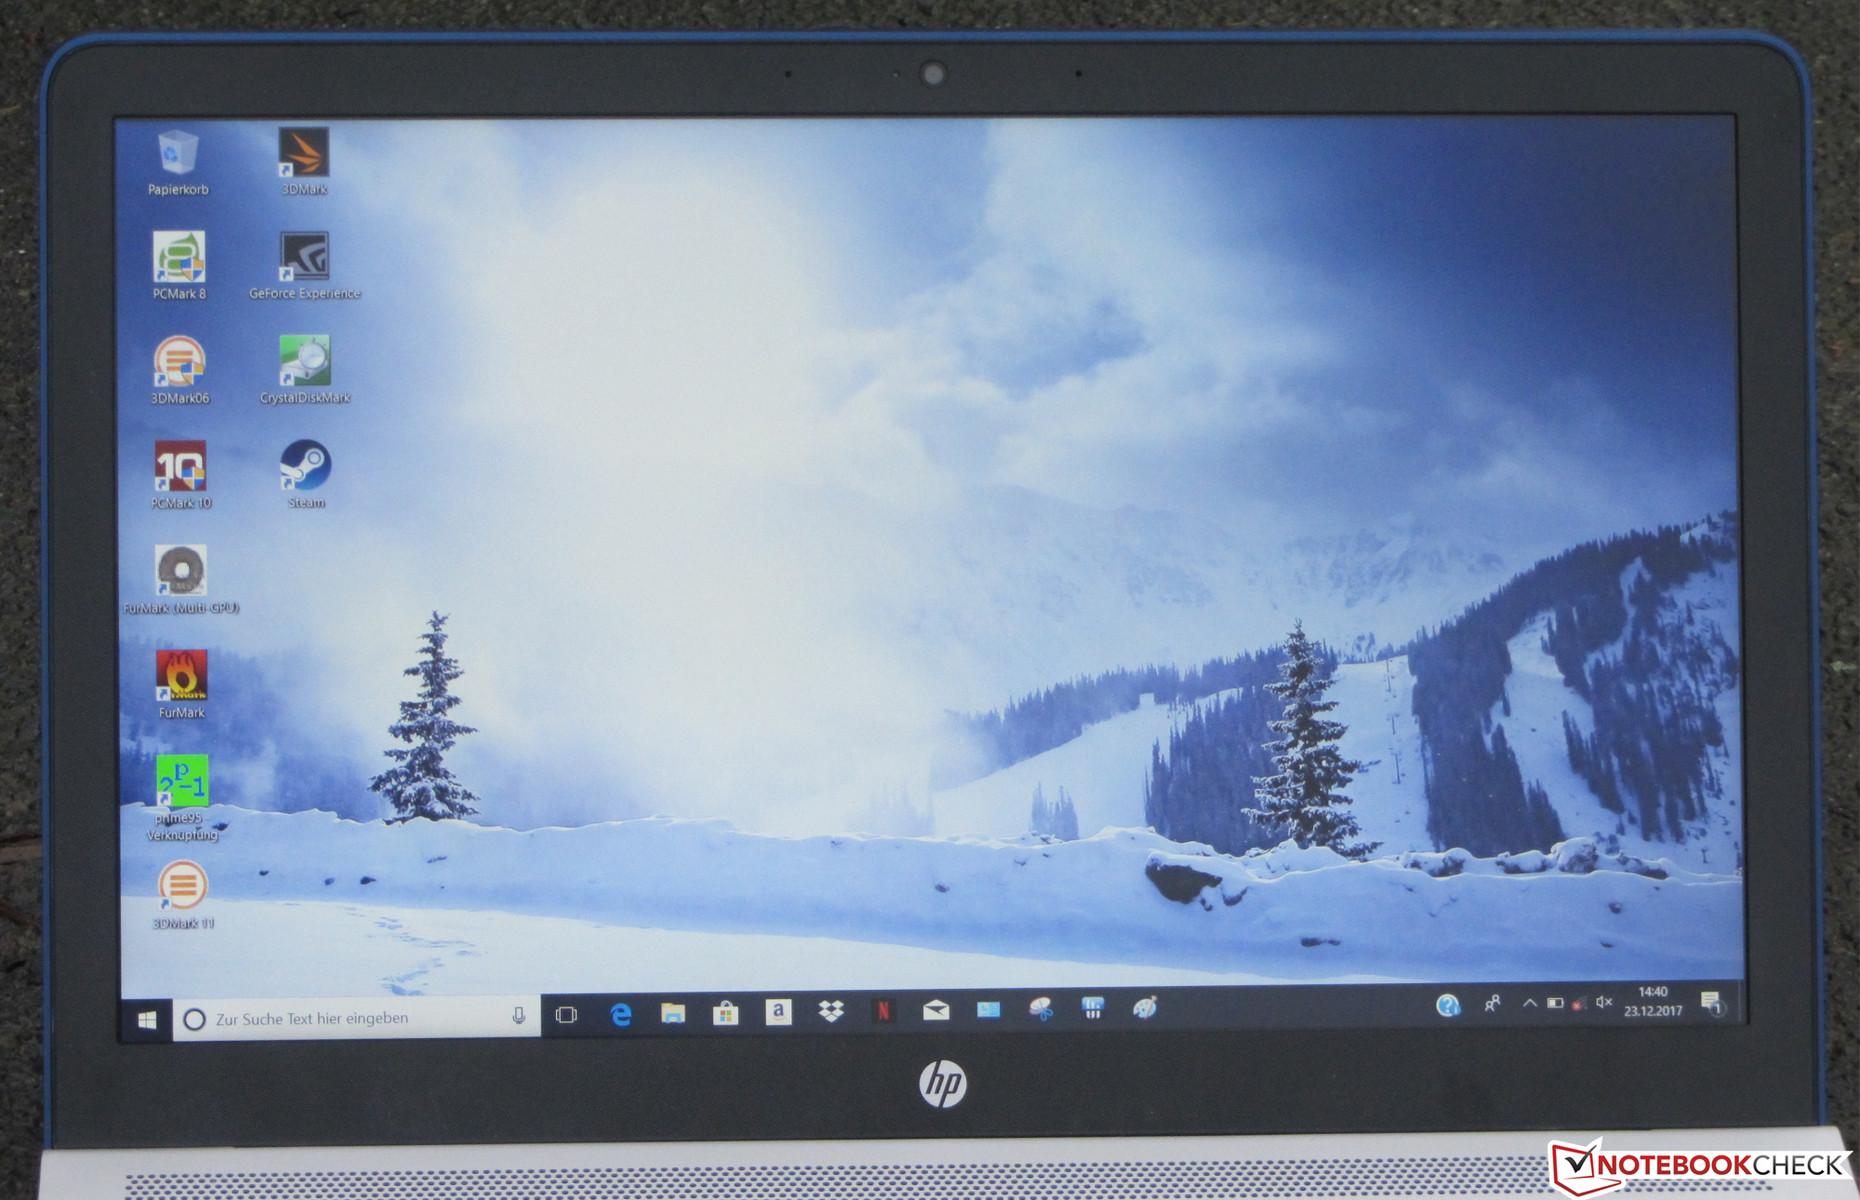 HP Pavilion 15t (i5-8250U, 940MX, FHD) Laptop Review